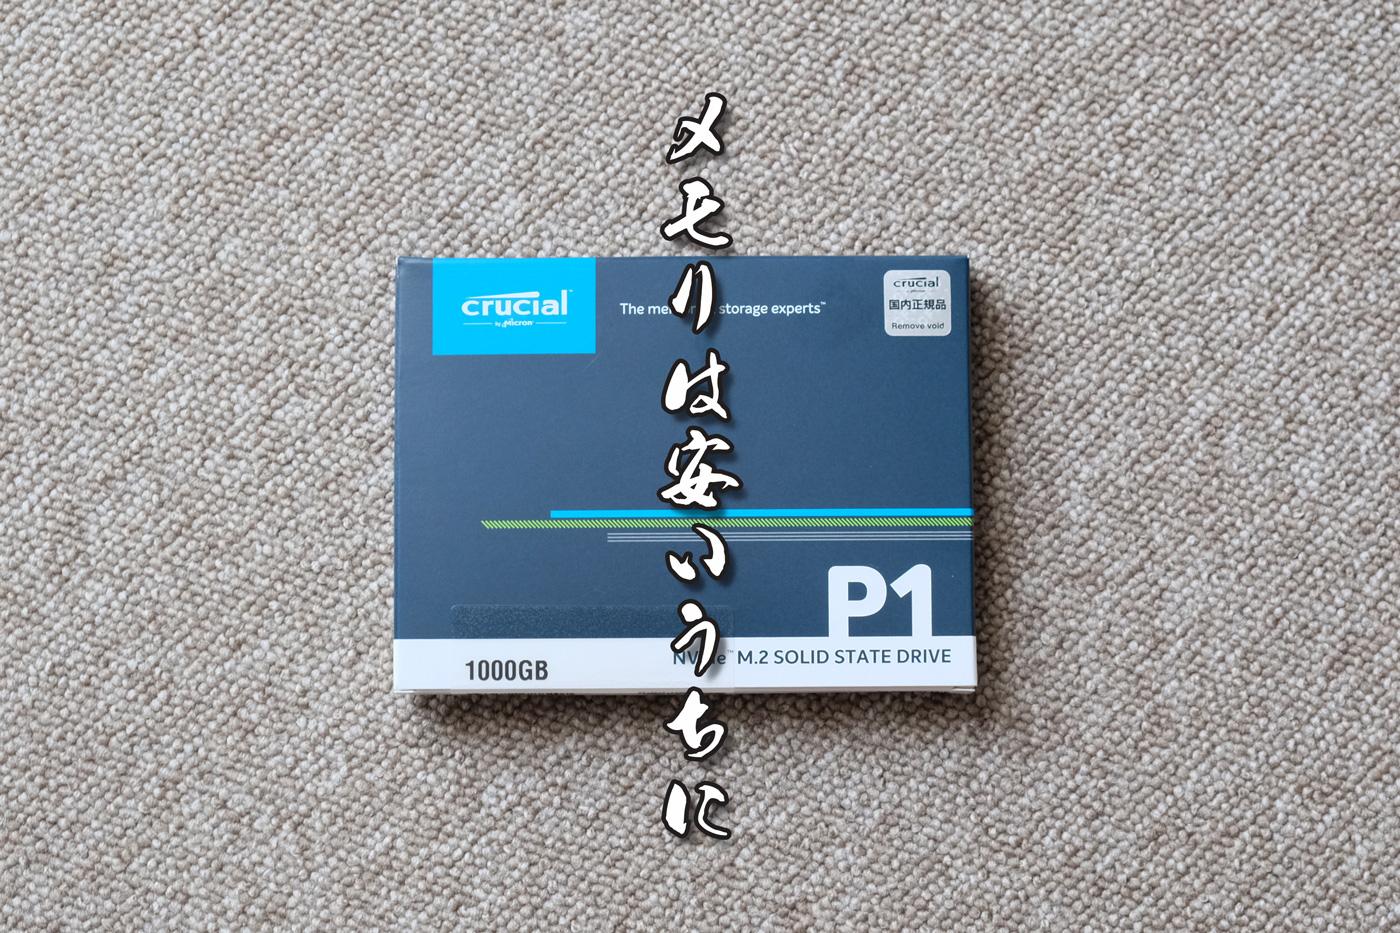 買うなら安いうちに!Crucial SSD M.2 P1シリーズを買ったお話【レビュー】